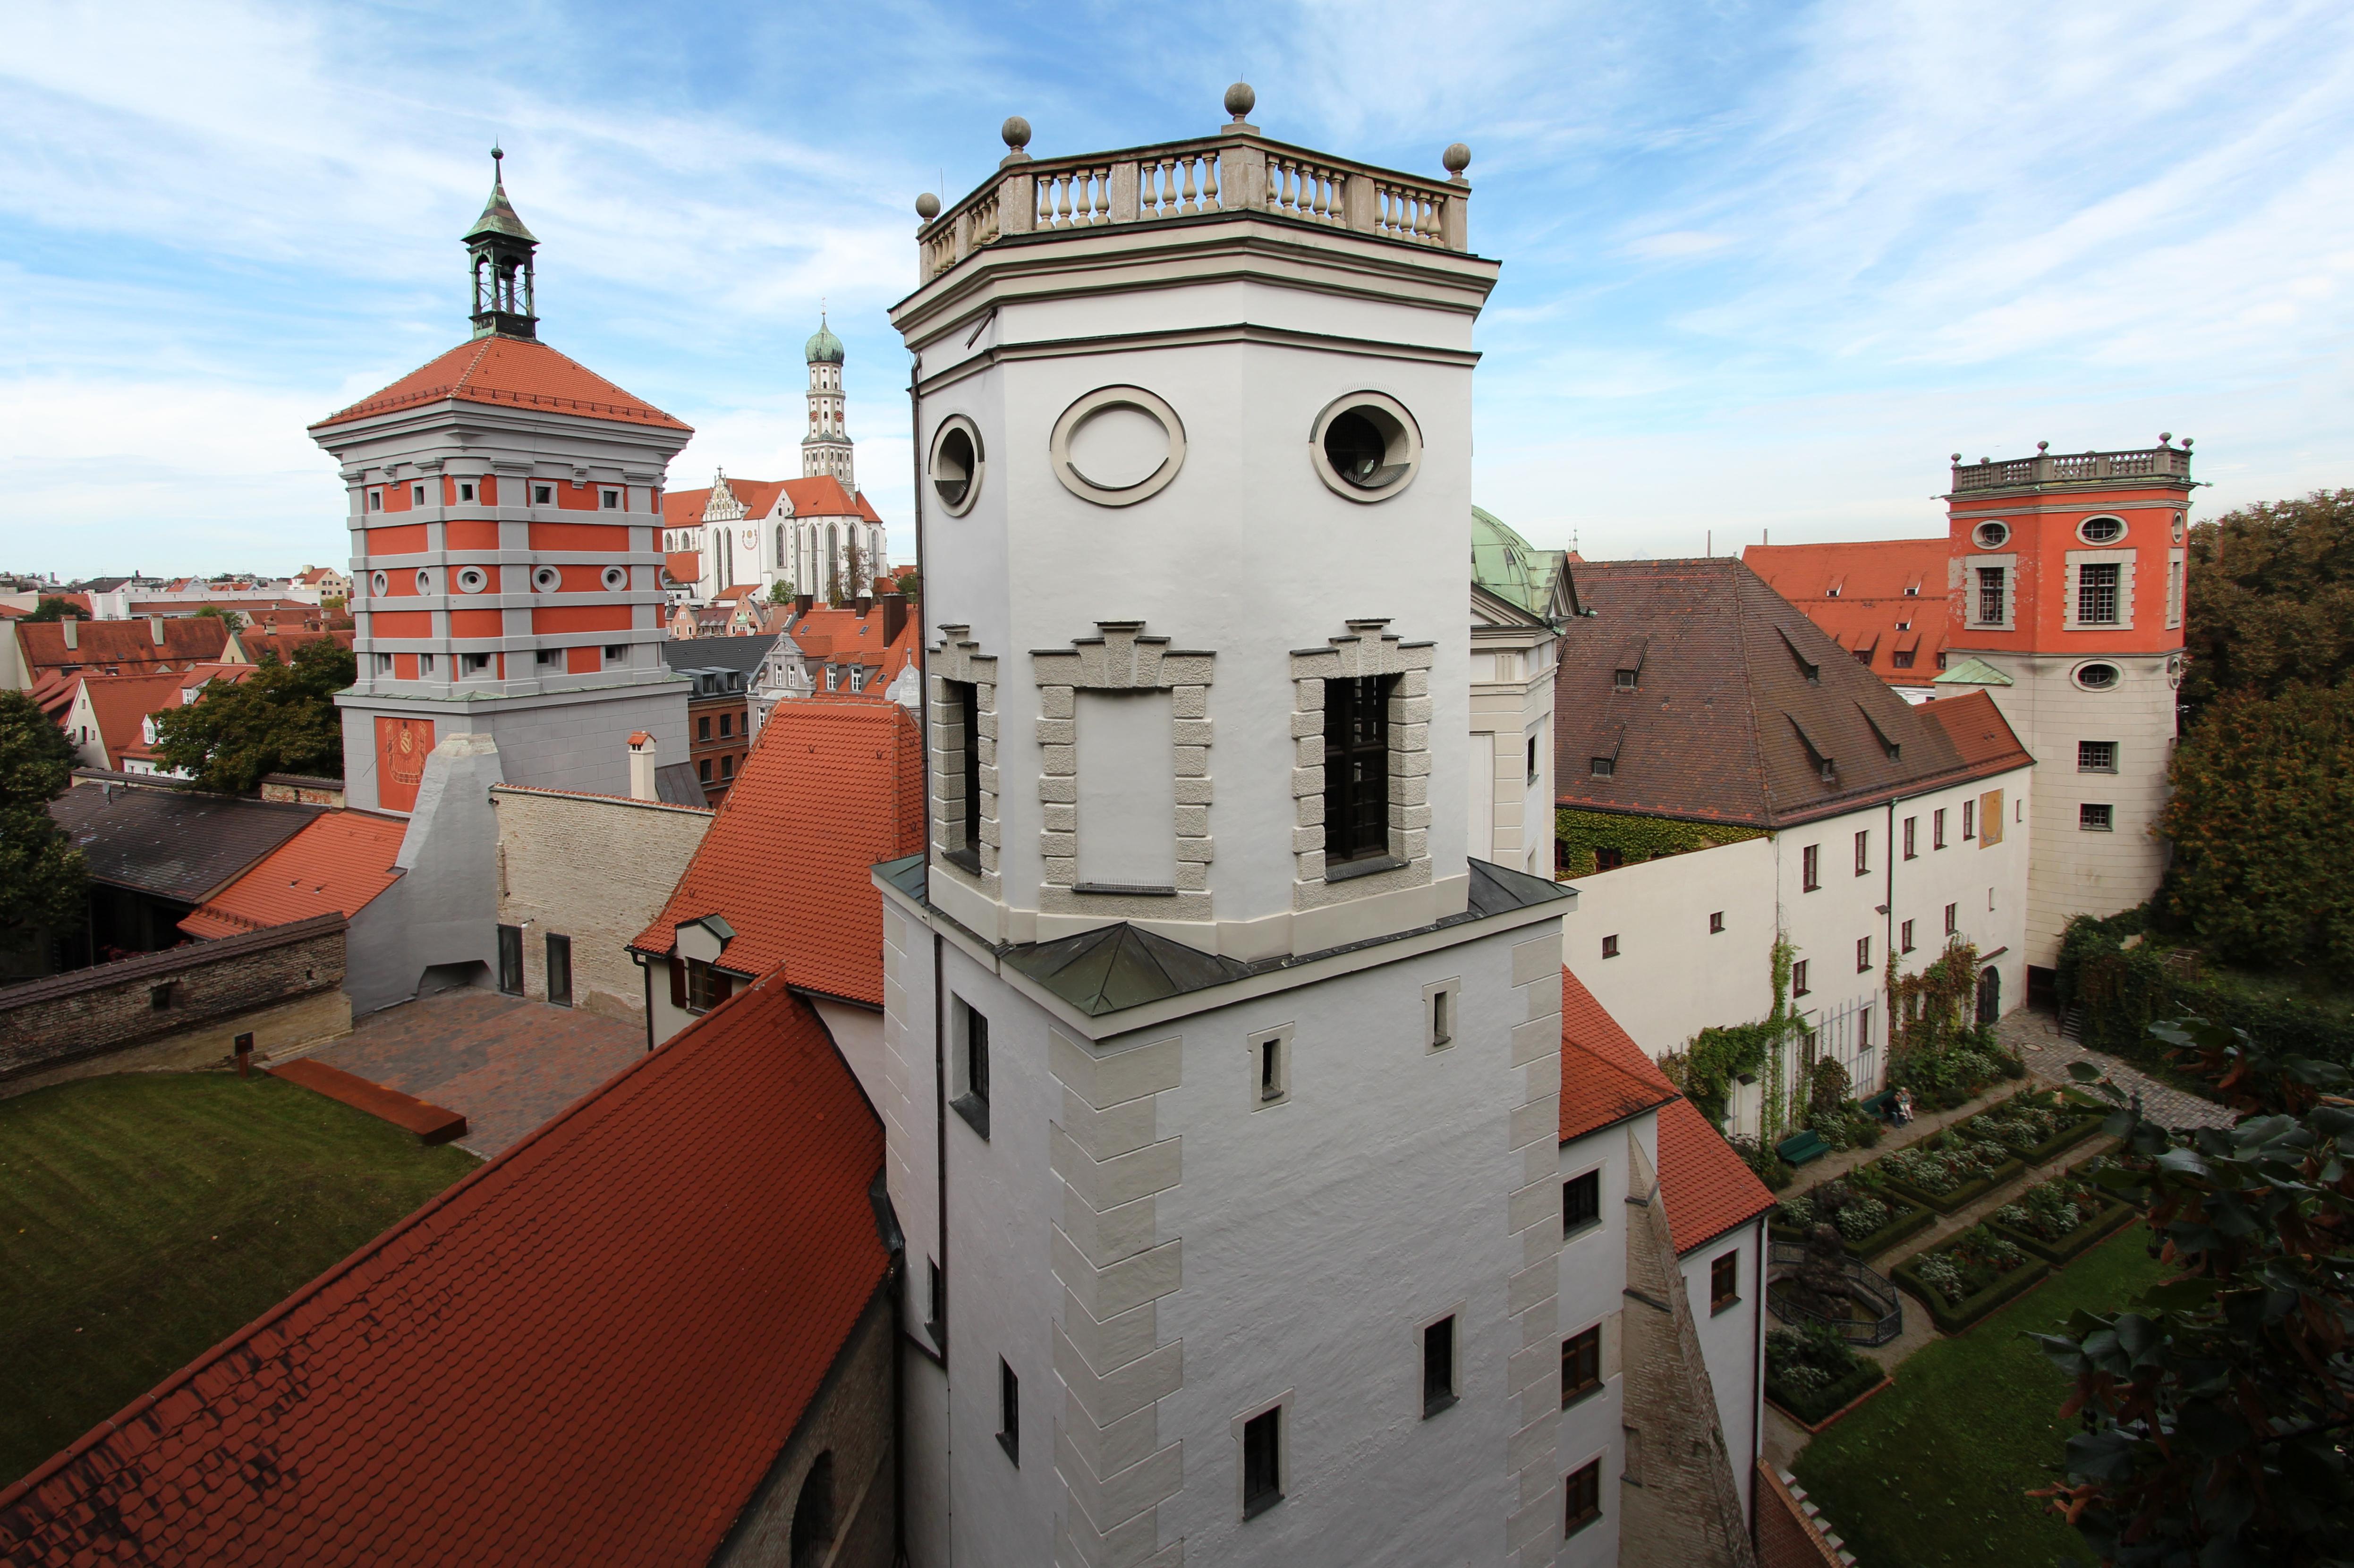 Datei:Wassertürme am Roten Tor, links St. Ulrich - Fotograf Reinhard Paland.jpg